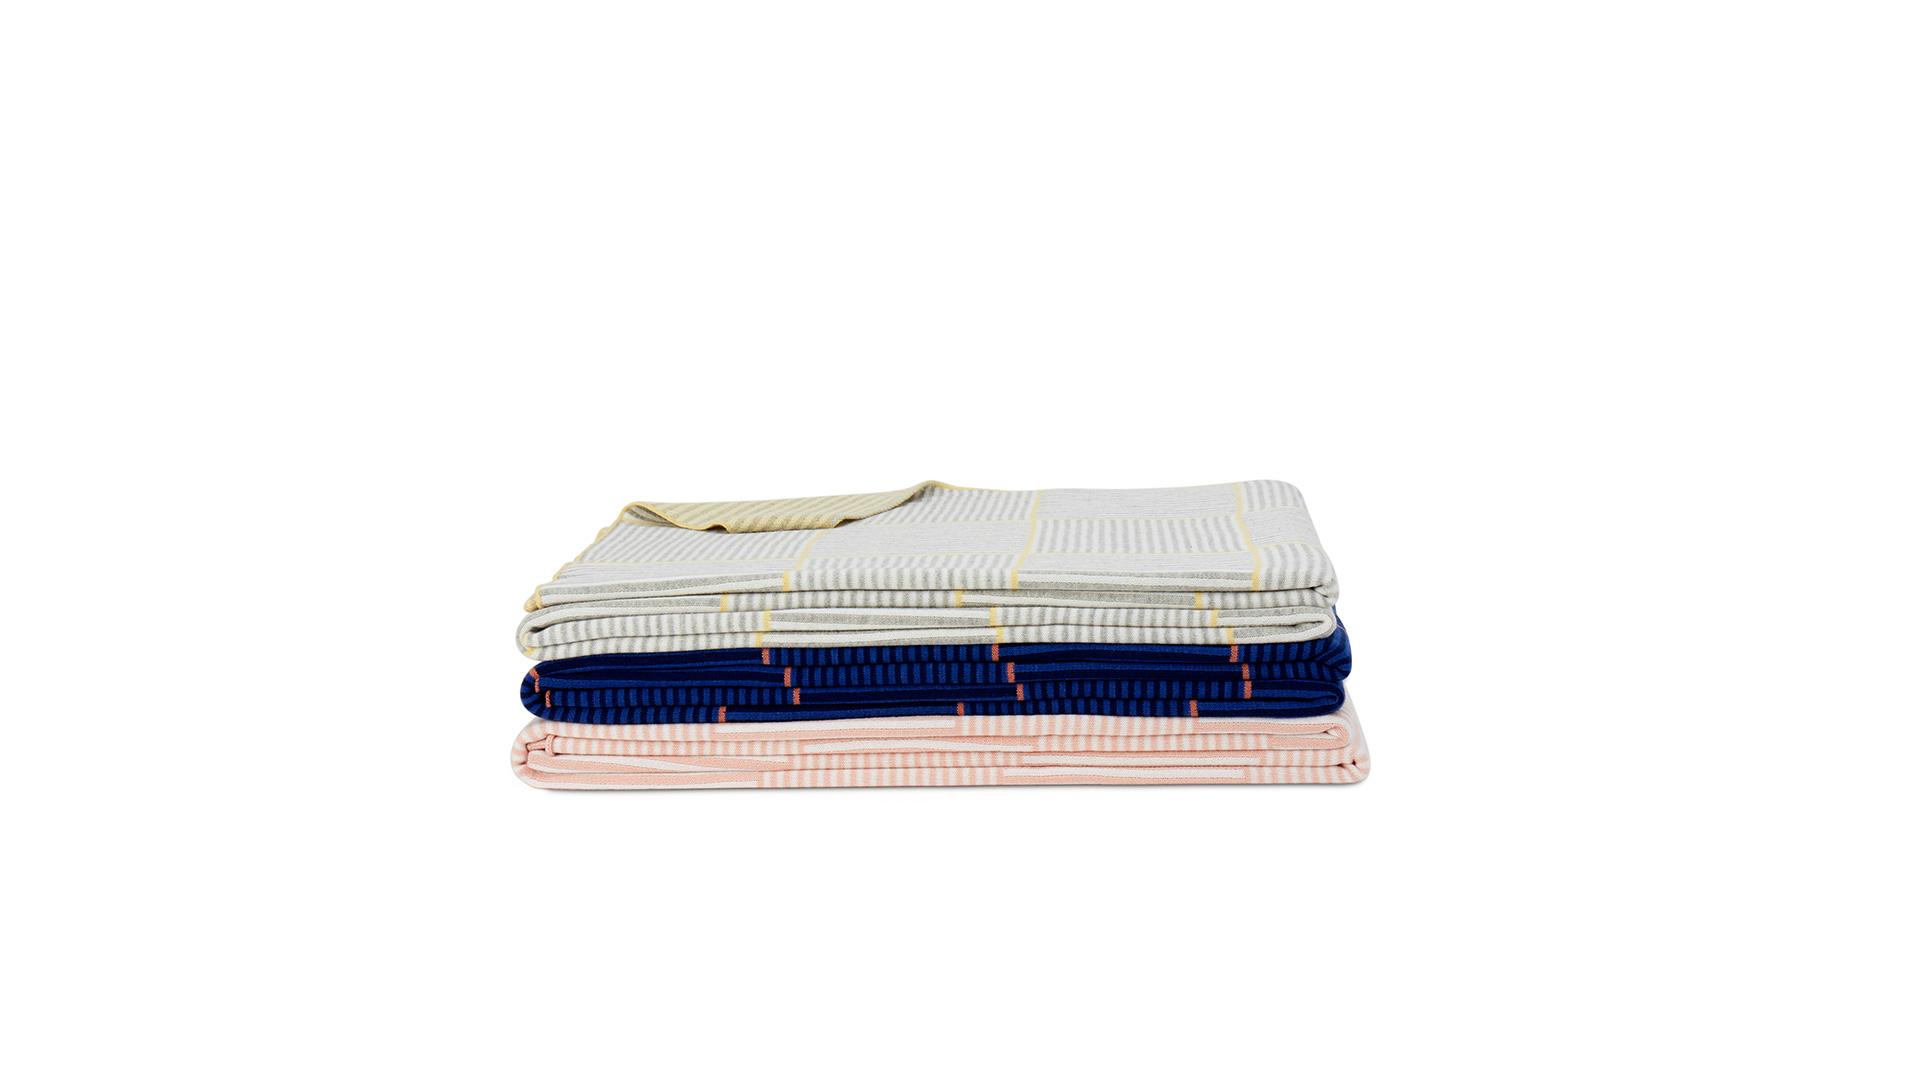 整毯使用100%精梳棉,采用提花针织工艺,绵厚柔软。再用绛粉、姜黄、恬灰……NCS欧洲自然色彩体系控制,六色搭配,正反相同纹路却有相反撞色,一毯两用。?x-oss-process=image/format,jpg/interlace,1